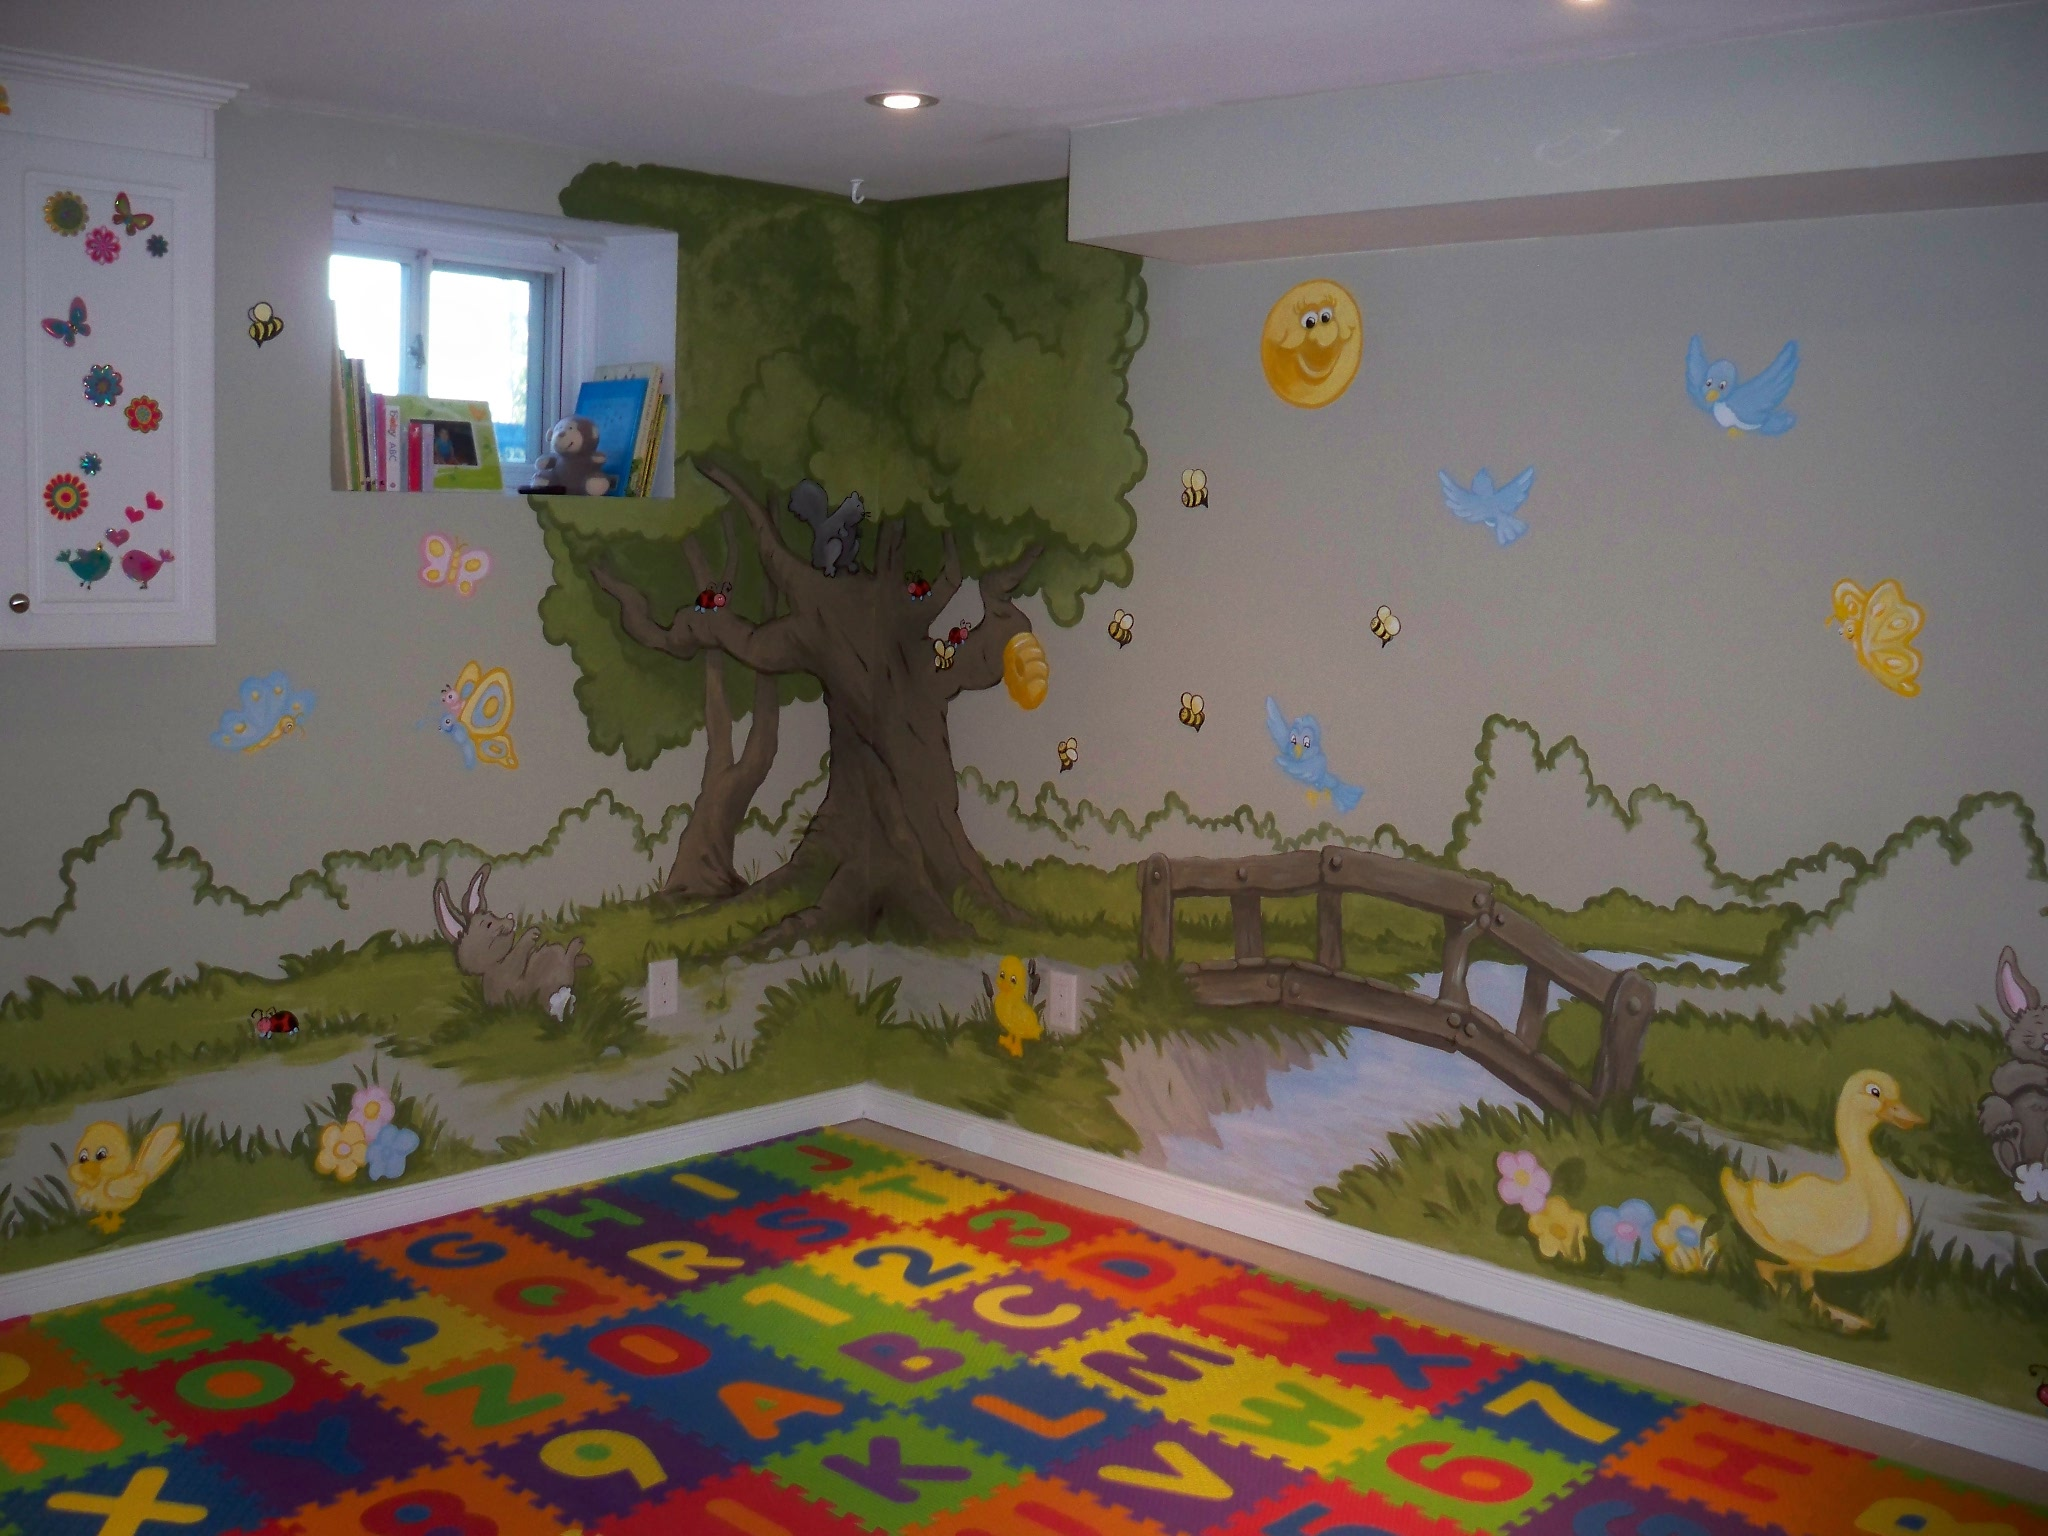 Murals By Marg Genevieve's Playroom Mural 5.JPG